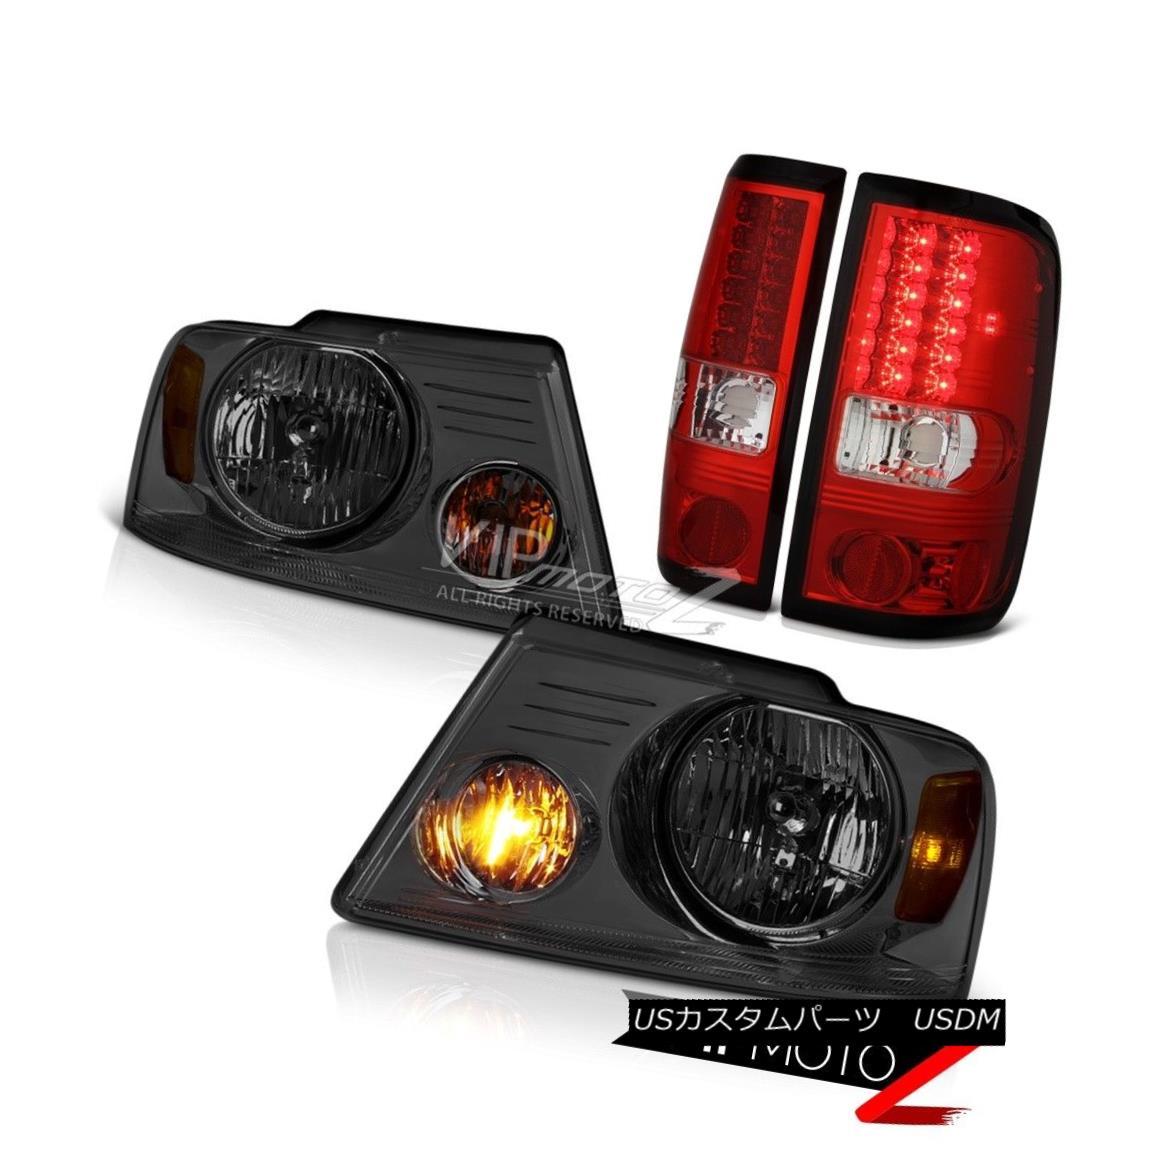 ヘッドライト 2004-2008 Ford F150 Truck LED Red Brake Lamp Tail Lights Smoke Tinted Headlights 2004-2008フォードF150トラックLEDレッドブレーキランプテールライト煙がかかったヘッドライト